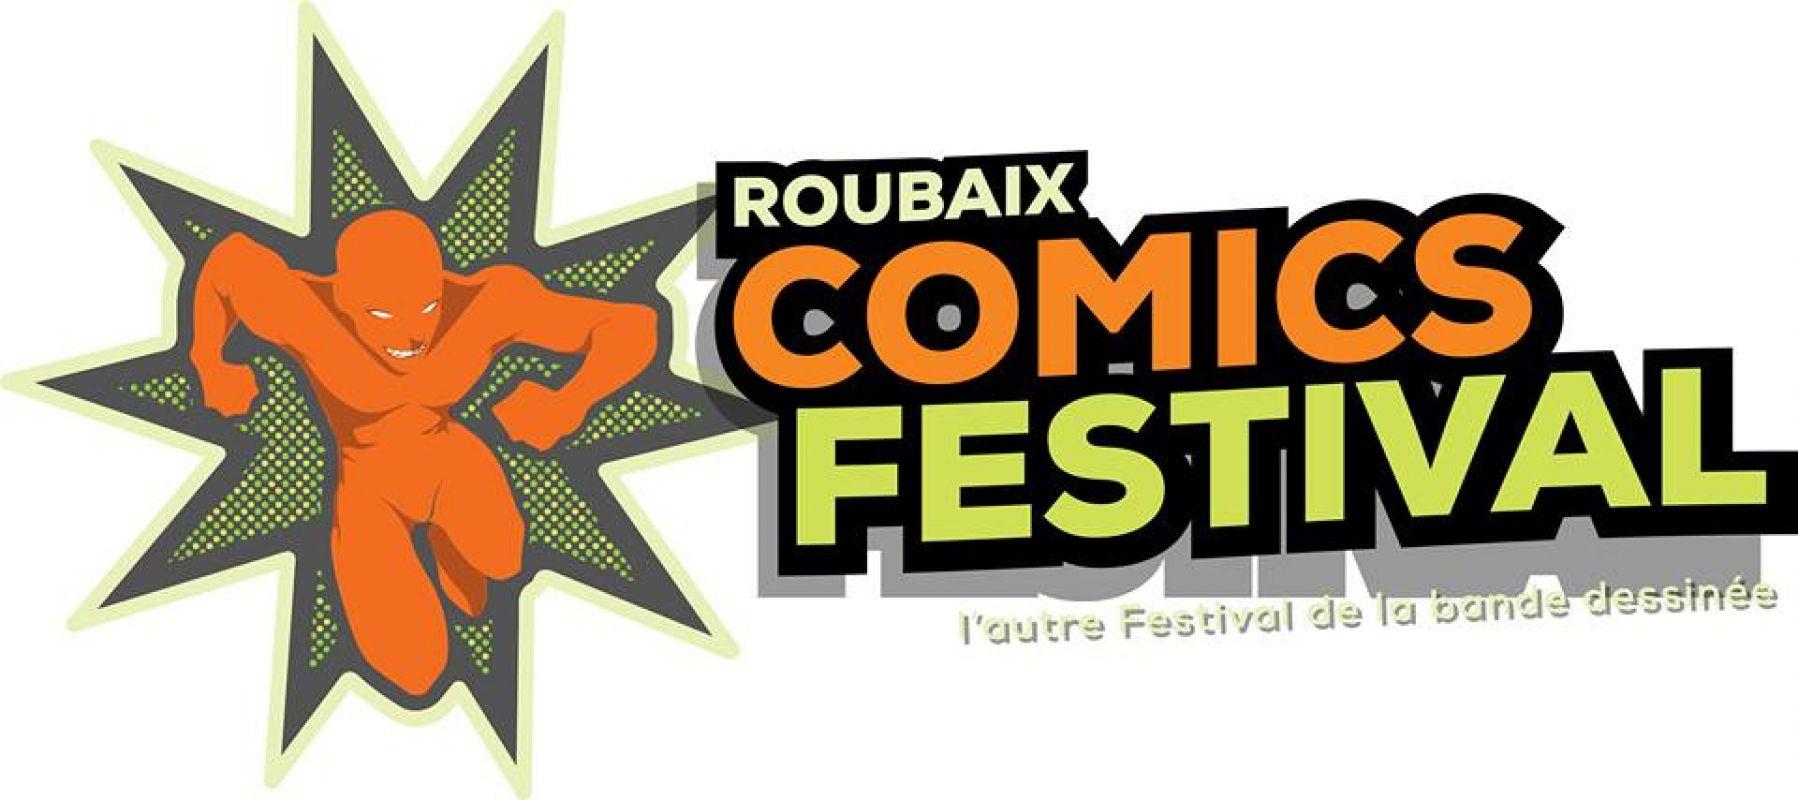 Le Roubaix Comics Festival - Le nouveau LCF !